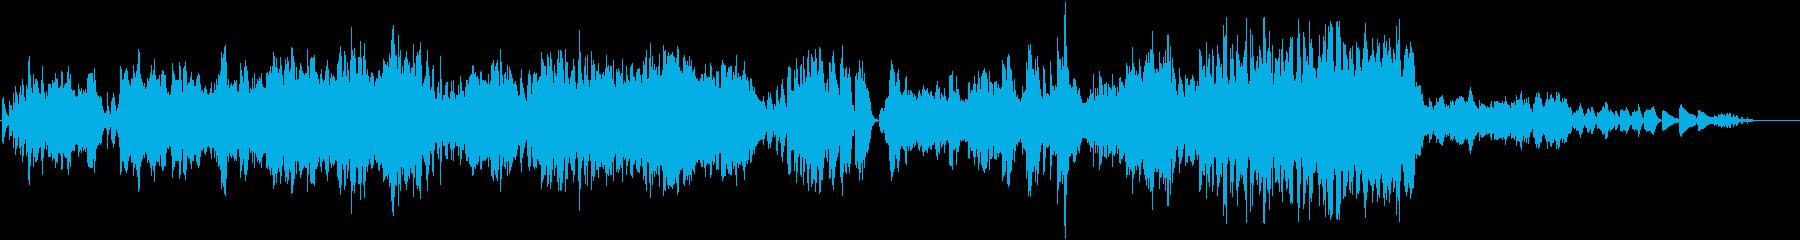 転調が非常に印象的でかっこいいピアノソロの再生済みの波形